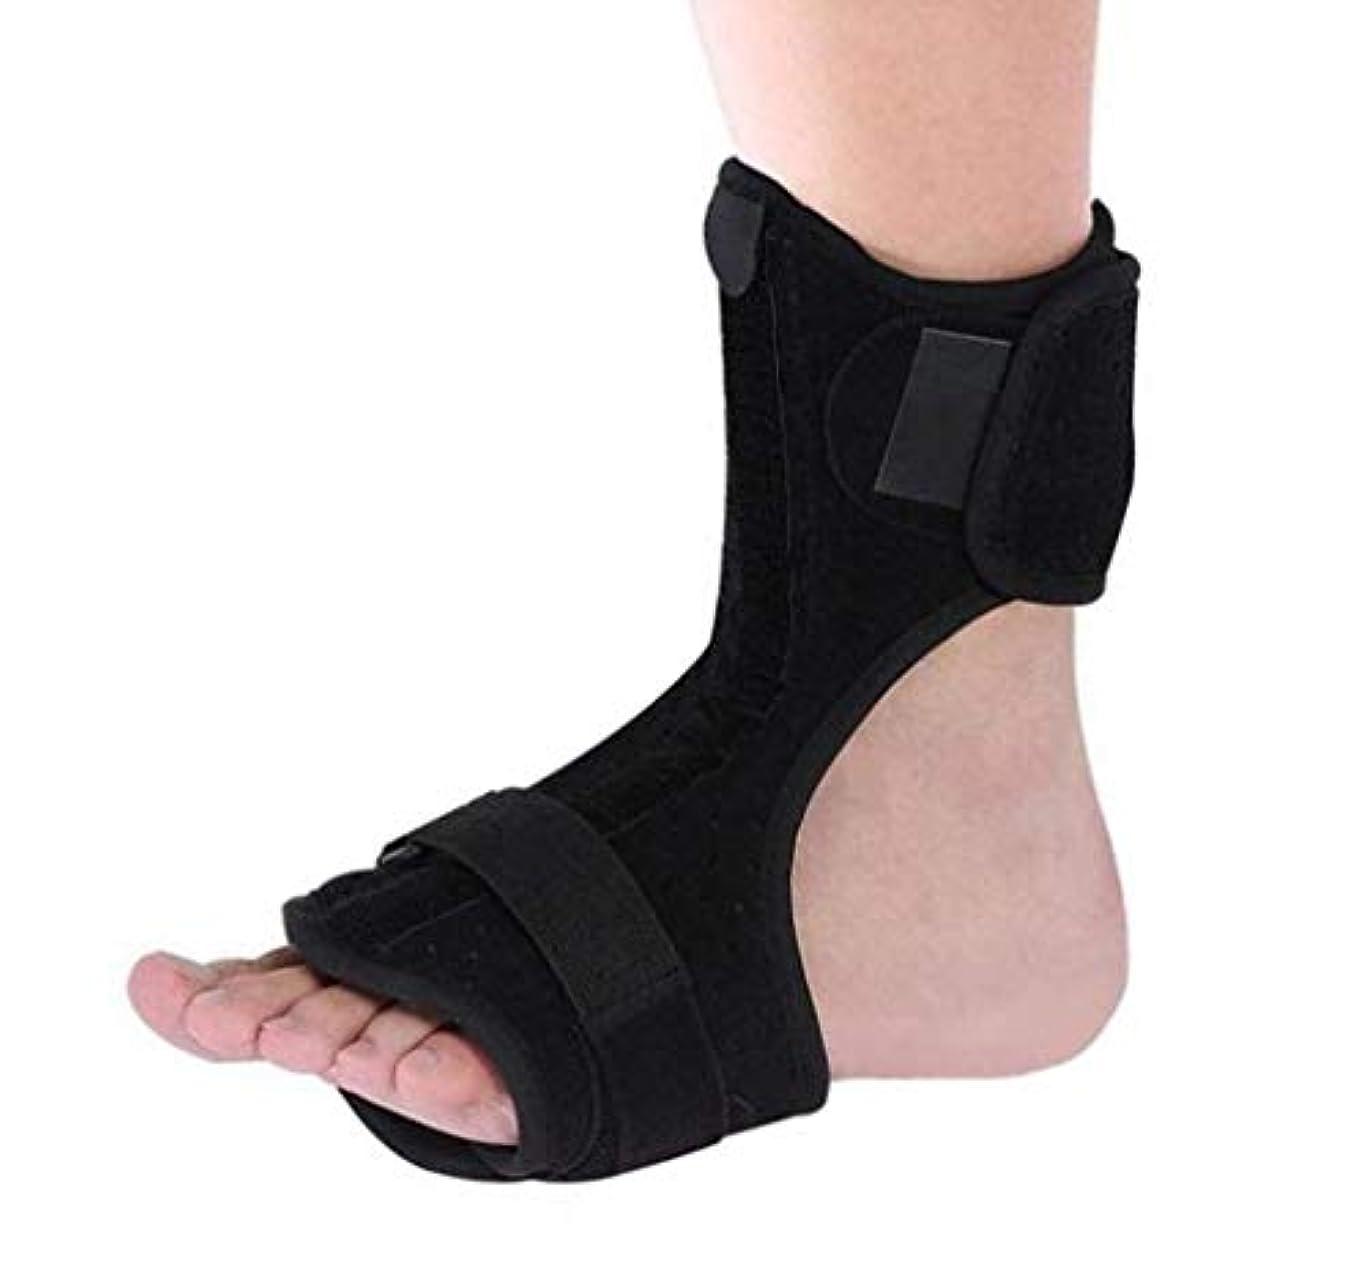 女将利益発揮する足首固定ブラケット、足首装具ブレース、足関節固定装具、アキレス腱手術足首関節術後ケアブレース